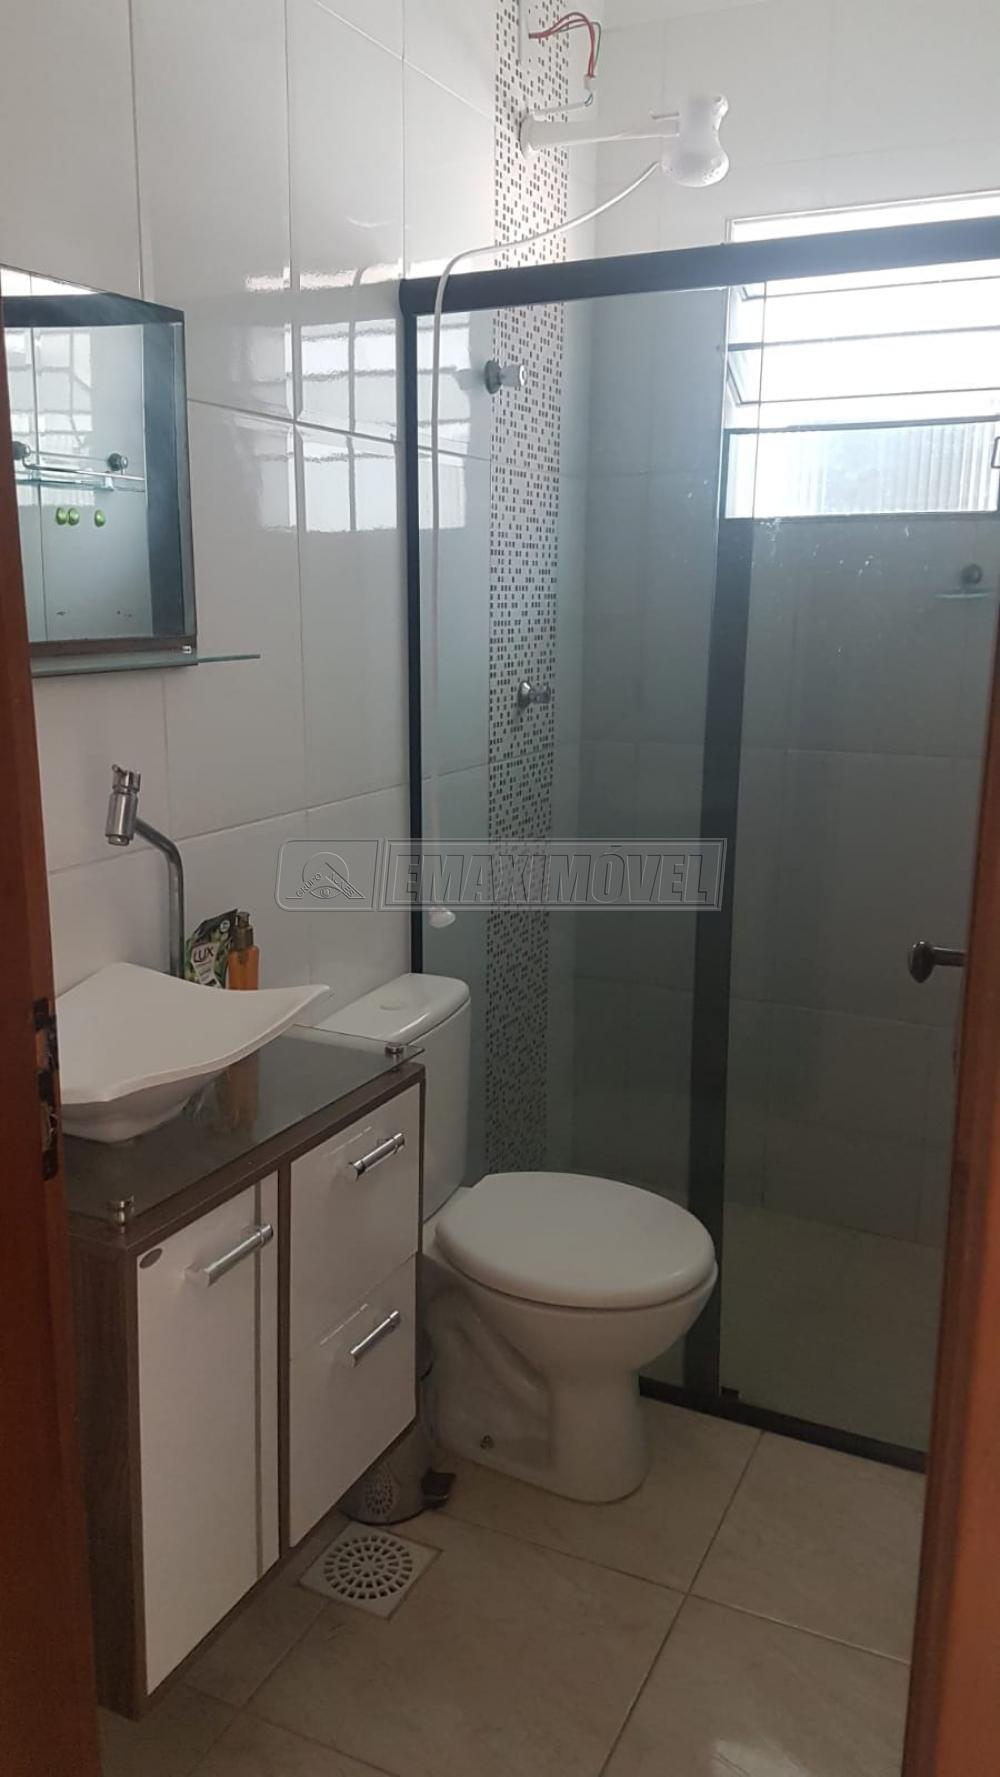 Comprar Apartamento / Padrão em Sorocaba R$ 175.000,00 - Foto 11